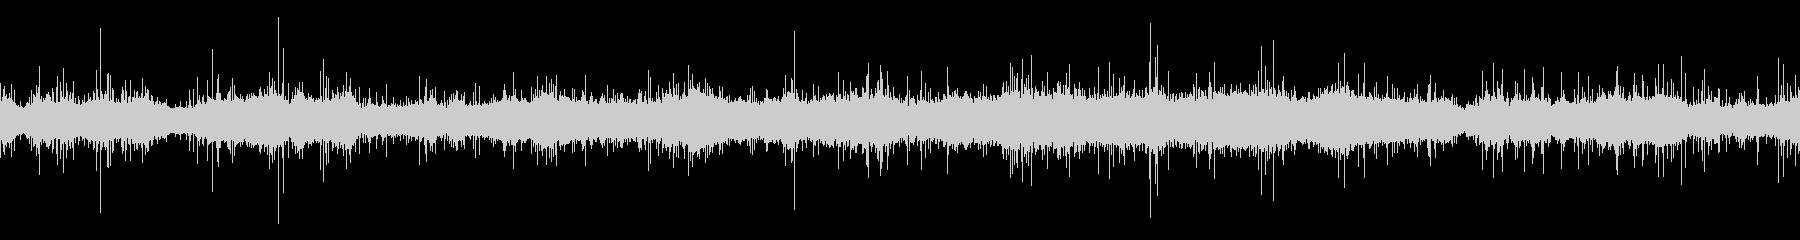 ムードノイズ「サラサラ…」1の未再生の波形